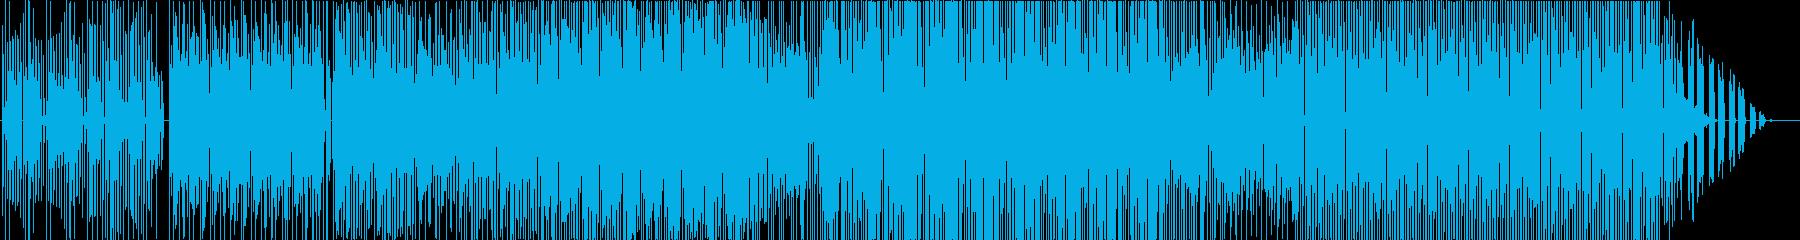 視覚と聴覚を失った事を想像する抽象音楽の再生済みの波形